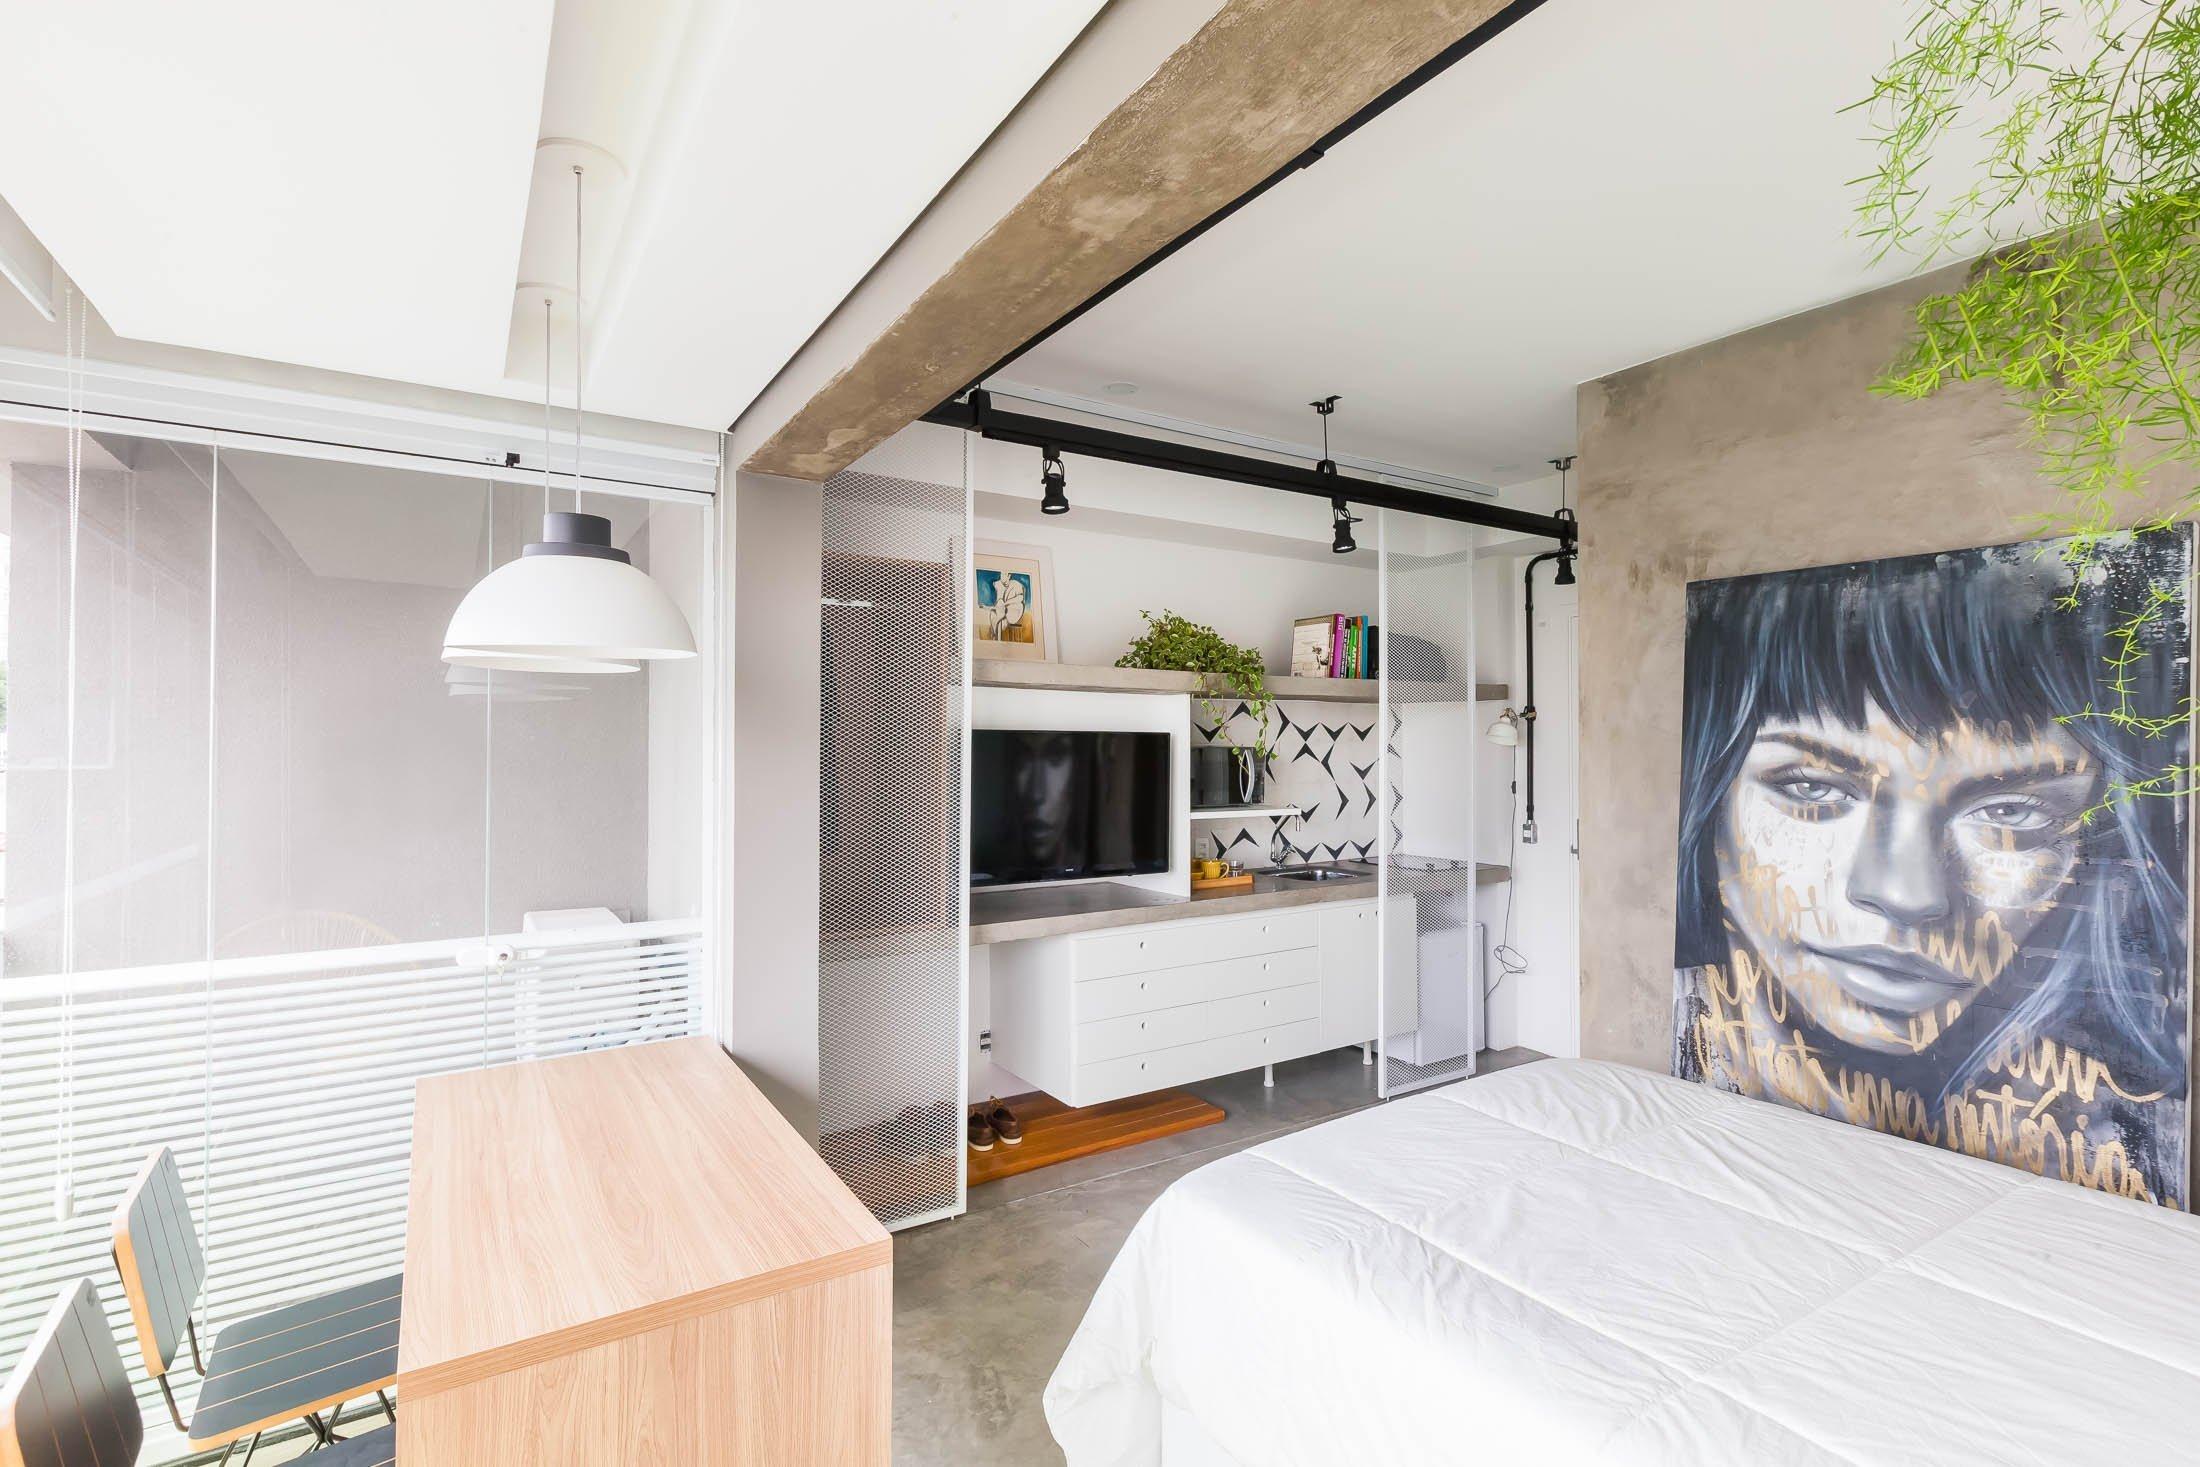 Designerské studio ze Sao Paula mělo jasný úkol. Předělat malou garsonku o velikosti pouhých 24 metrů čtverečních na místo, kde bude moc majitel spokojeně žít – a zároveň si do něj klidně pozvat i návštěvu. A vzhledem k tomu, že se dílo opravdu vydařilo, zveme vás na menší prohlídku tohoto útulného a stylového bytu.